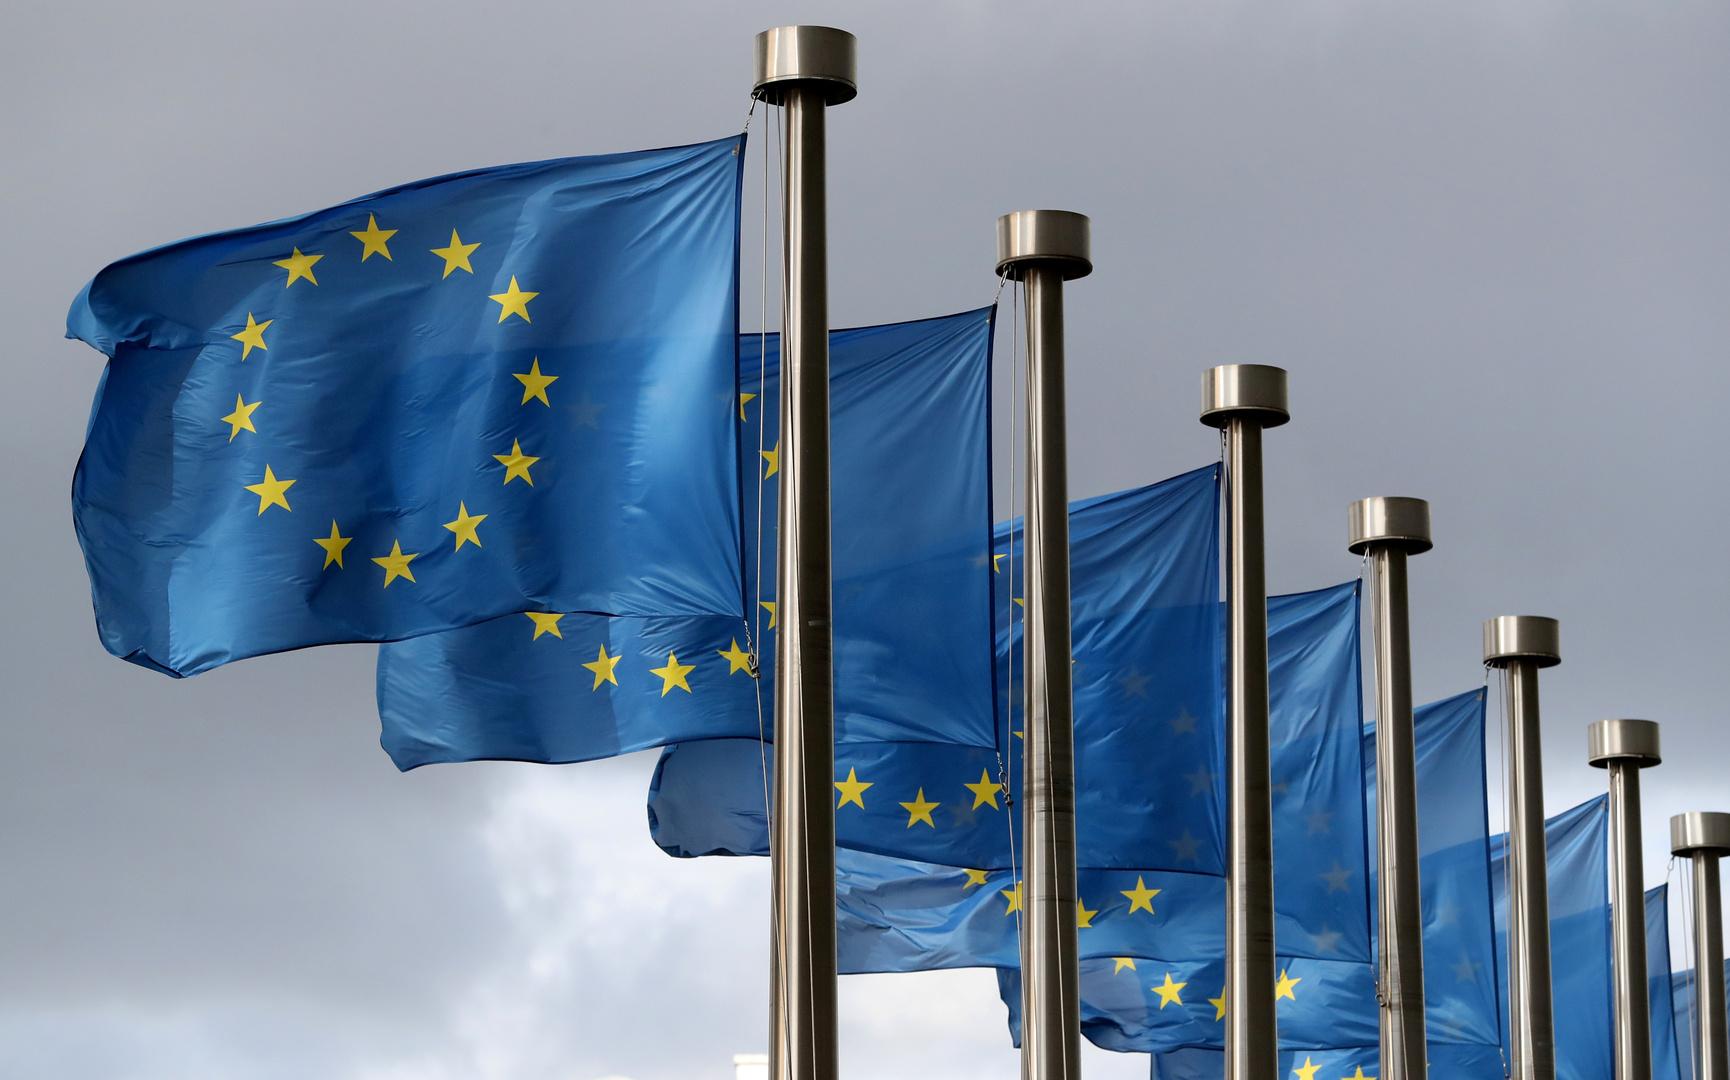 الاتحاد الأوروبي يأسف لاستئناف إيران التخصيب ويدعو للحفاظ على الاتفاق النووي